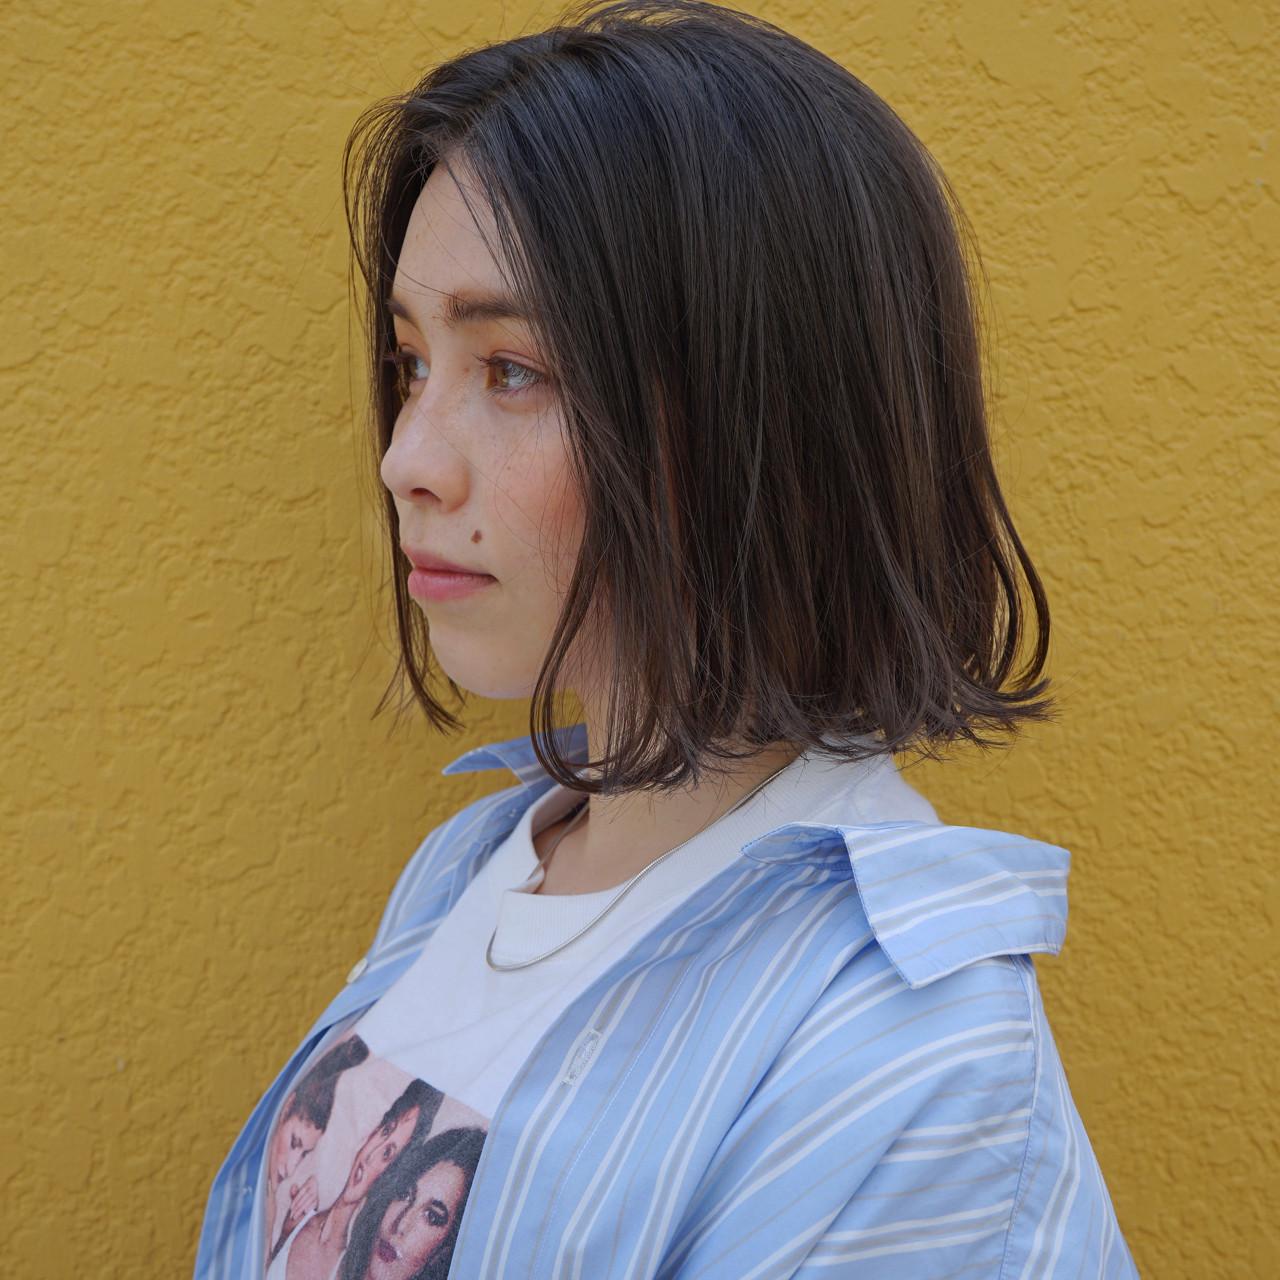 前下がり 外ハネ ナチュラル ロブ ヘアスタイルや髪型の写真・画像